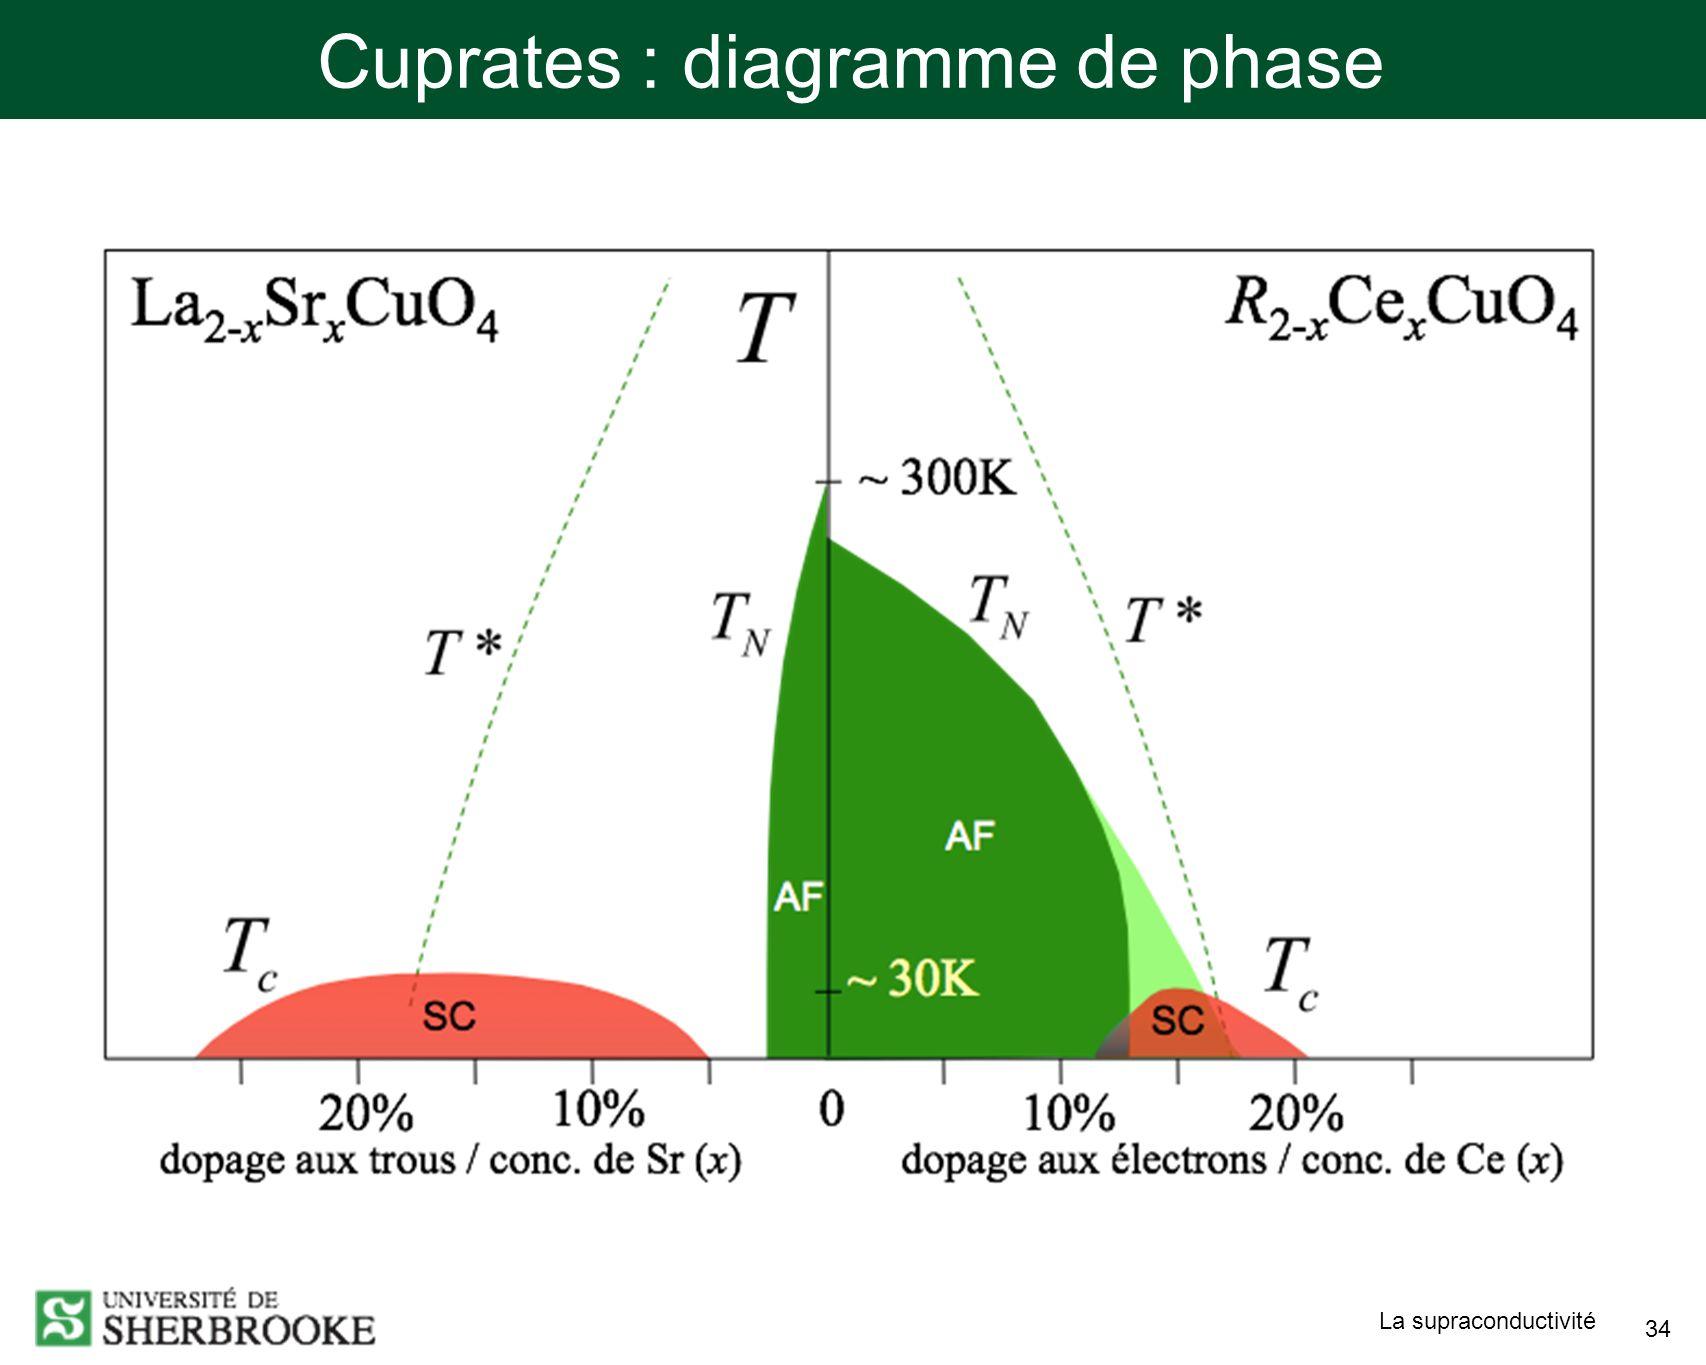 Cuprates : diagramme de phase